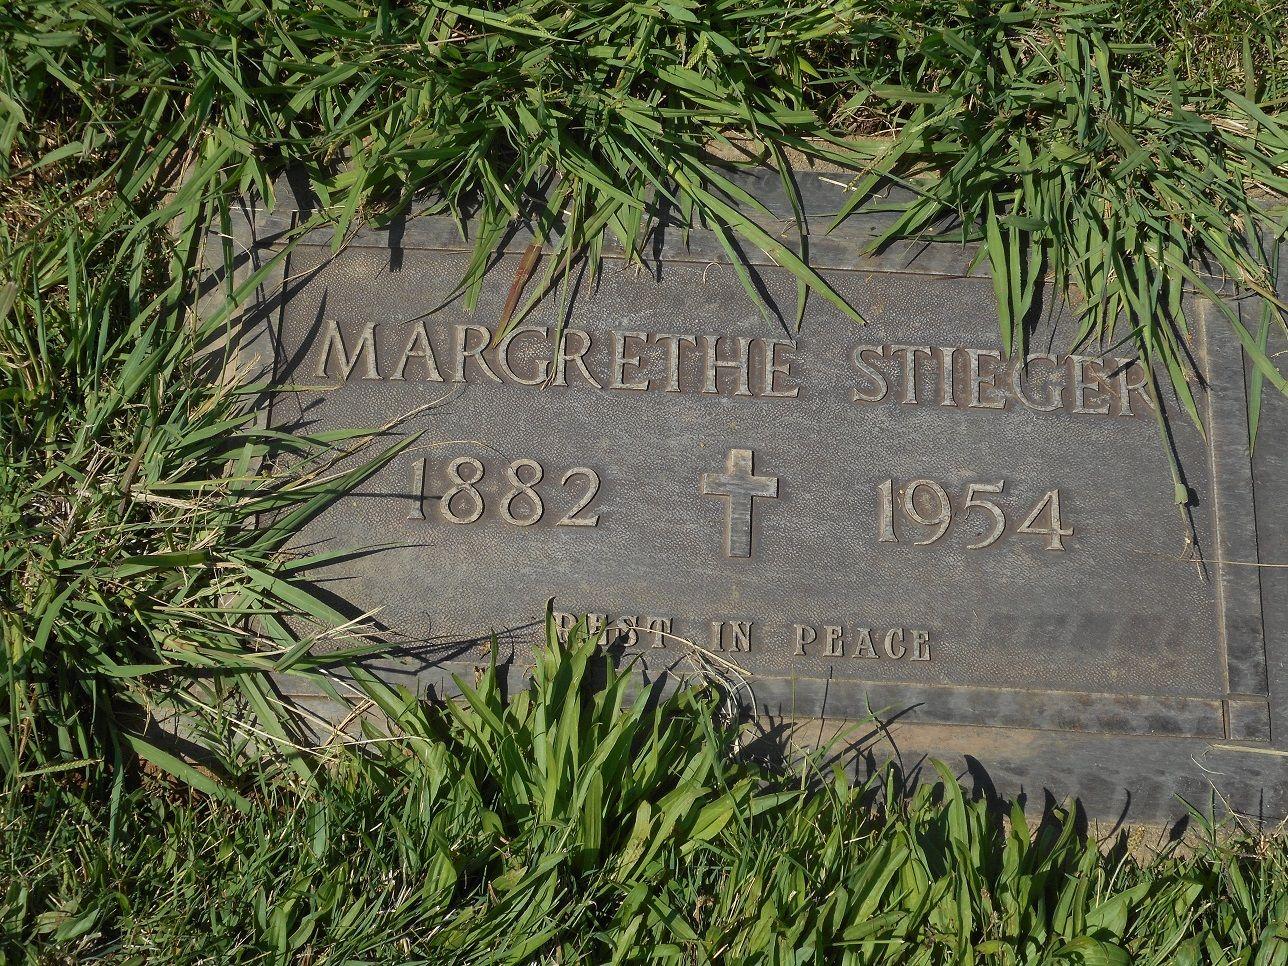 Margrethe Stieger (1882-1954)